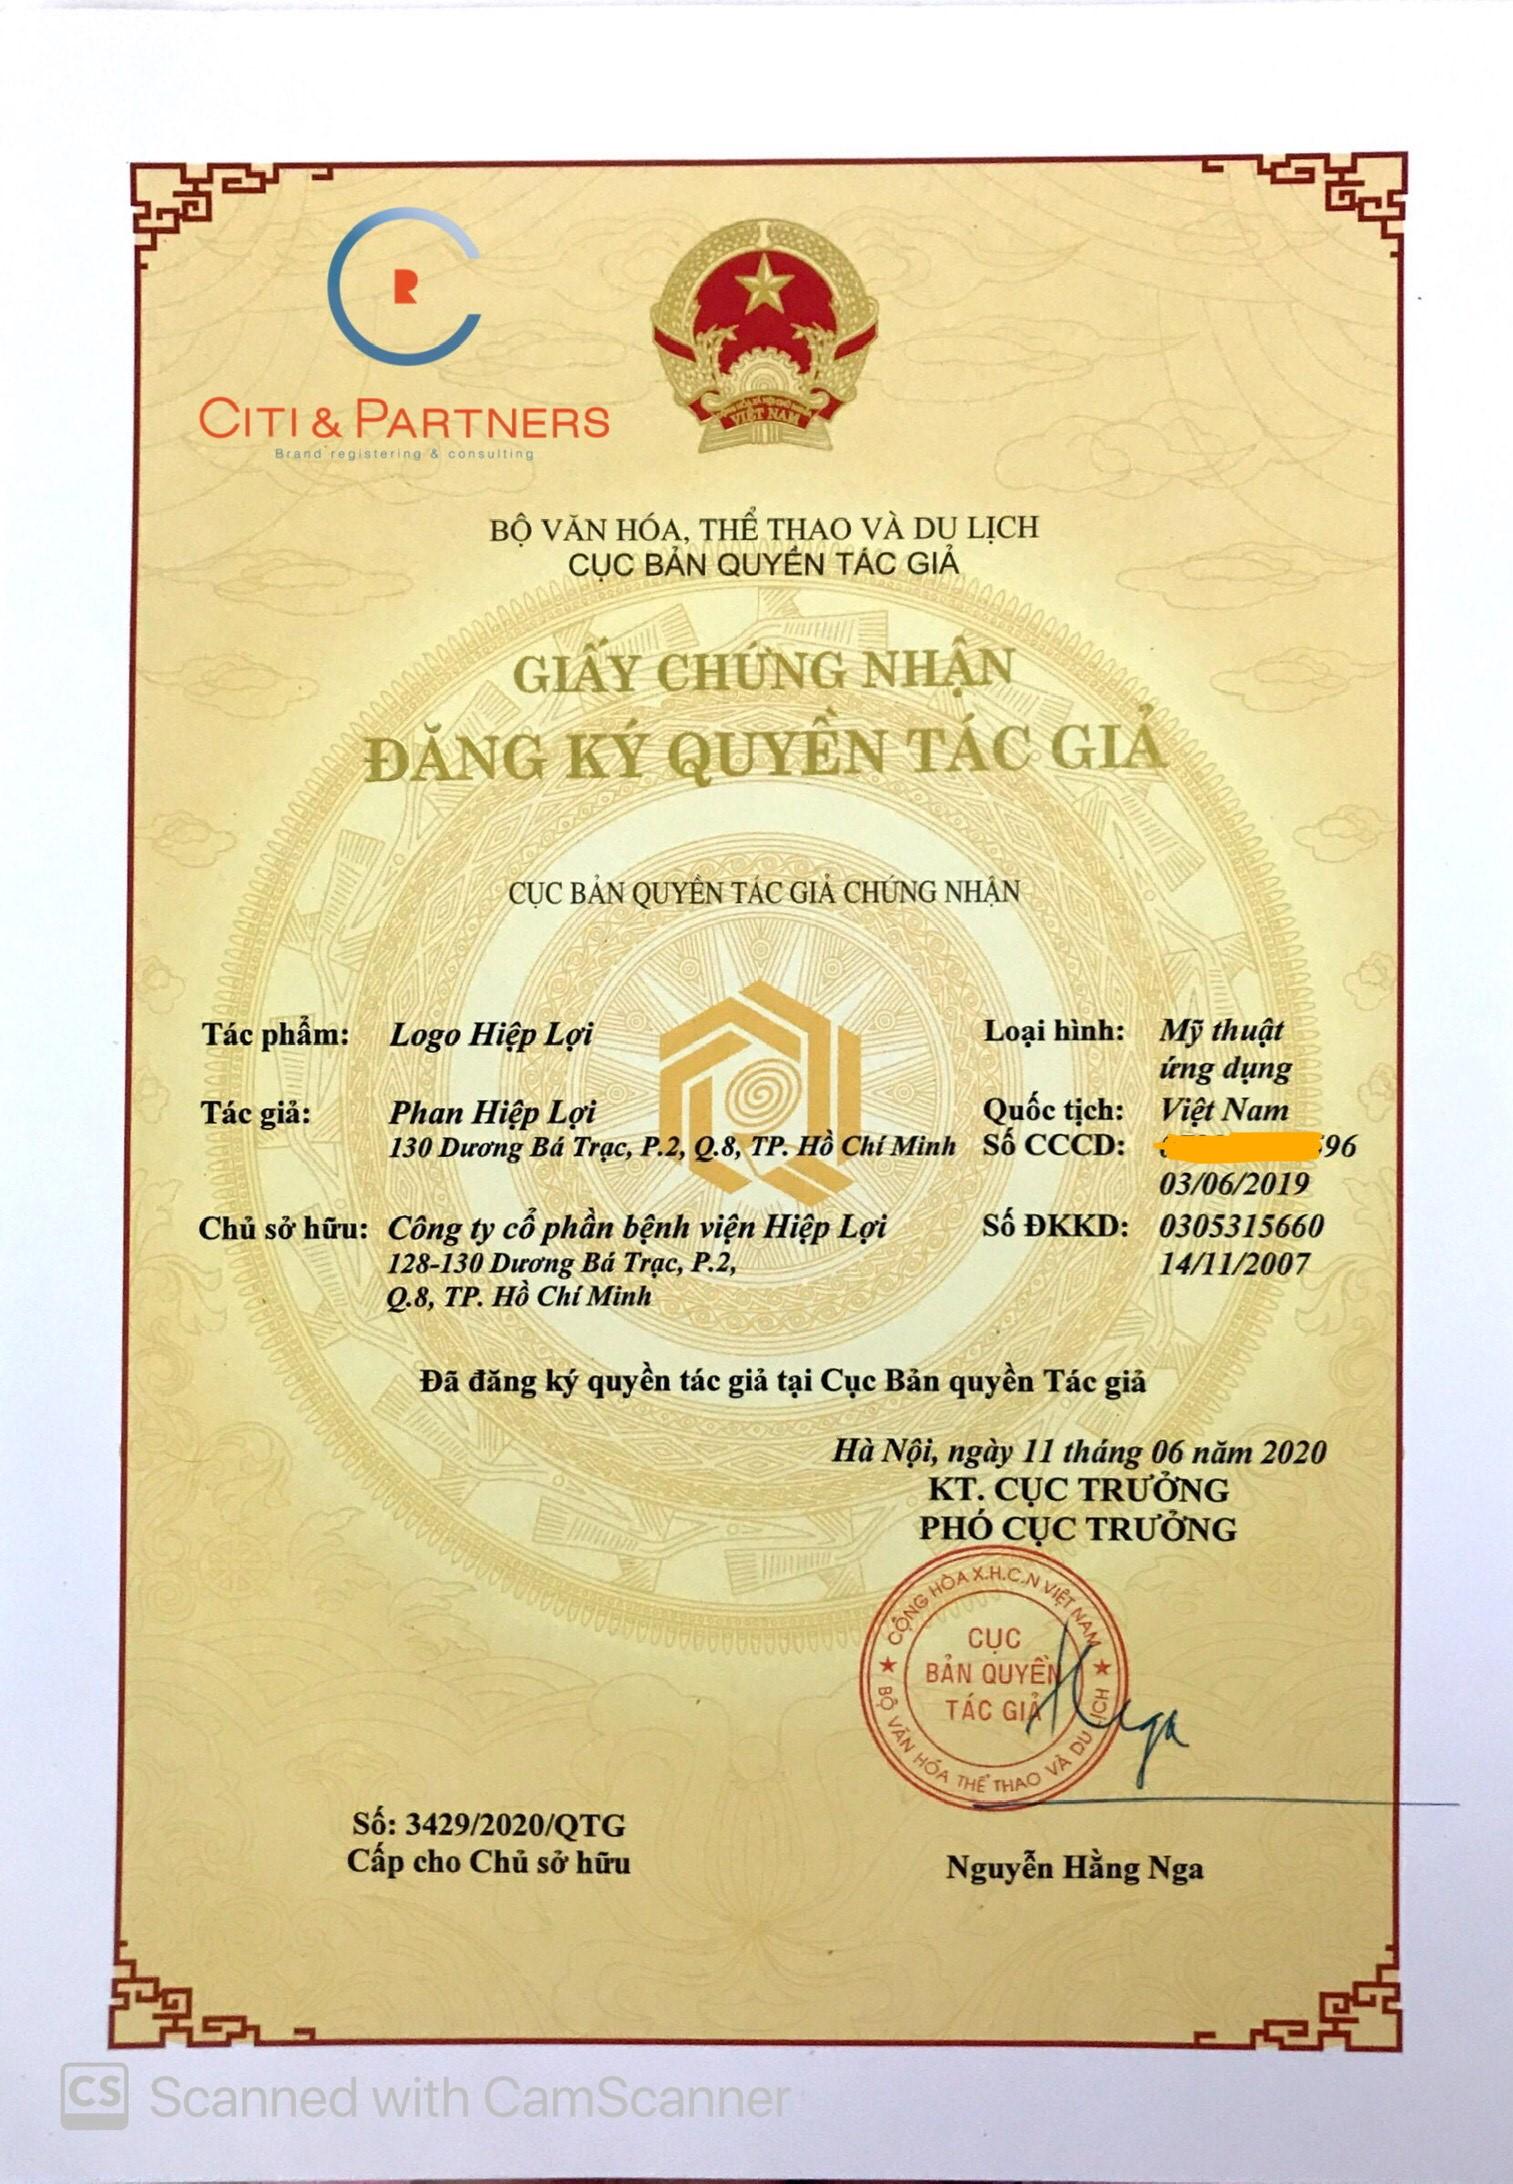 thẩm mỹ viện Hiệp Lợi đăng ký bảo hộ logo